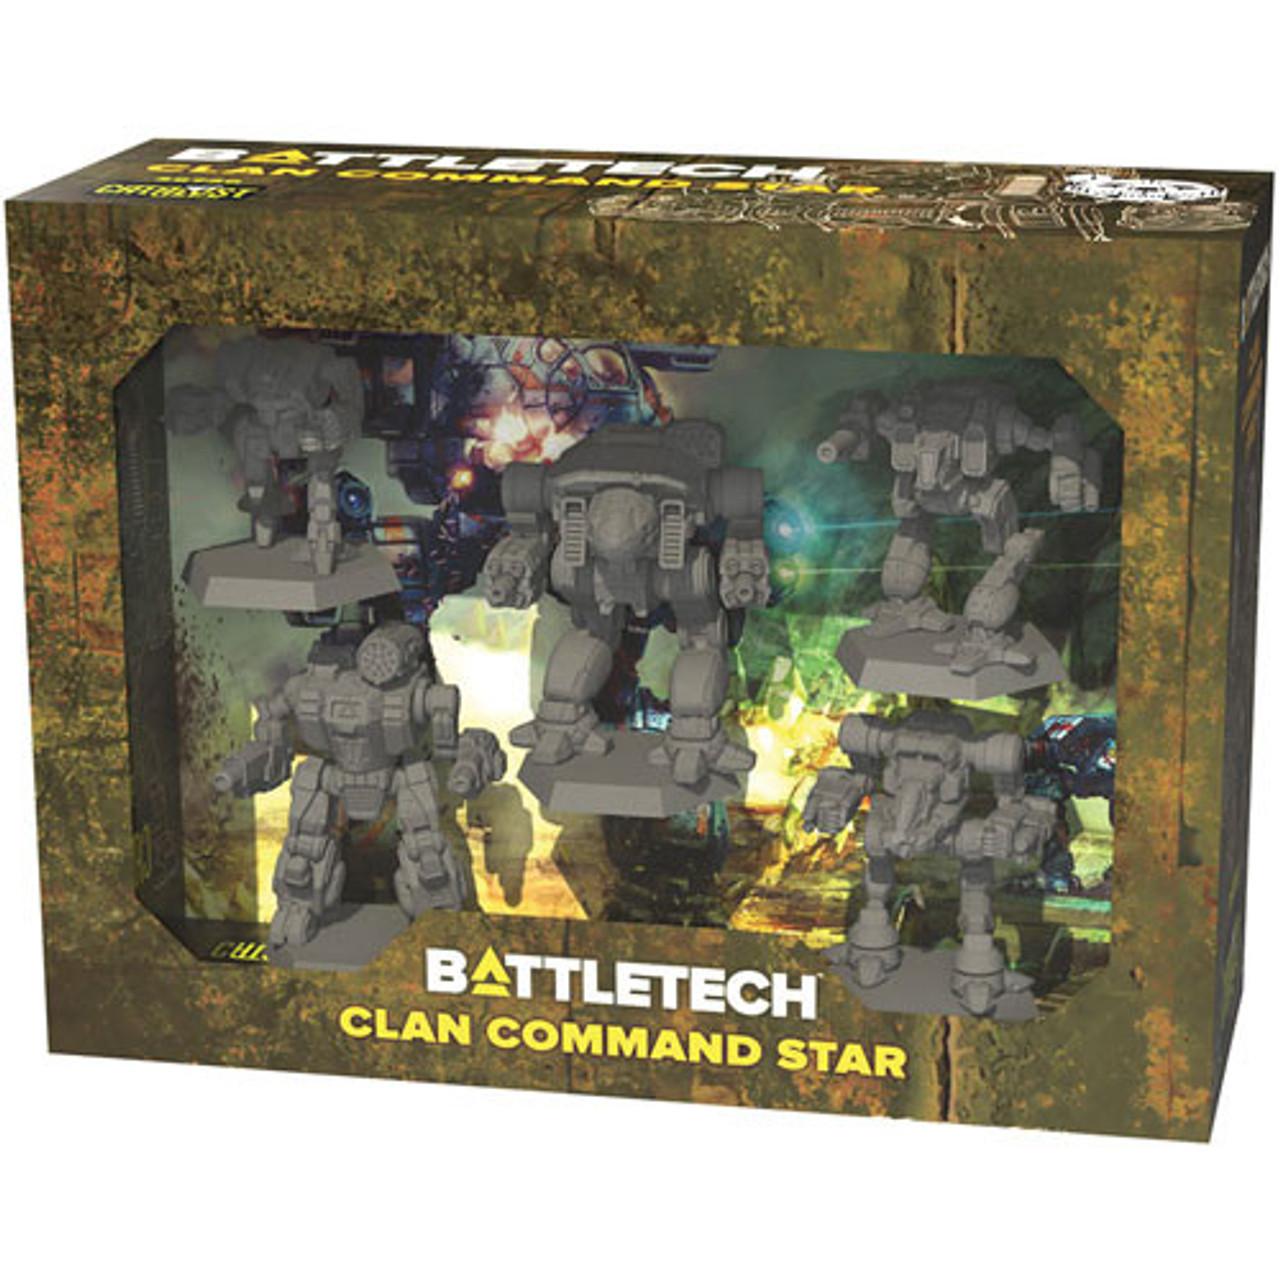 Battletech: Clan Command Star Miniature Set